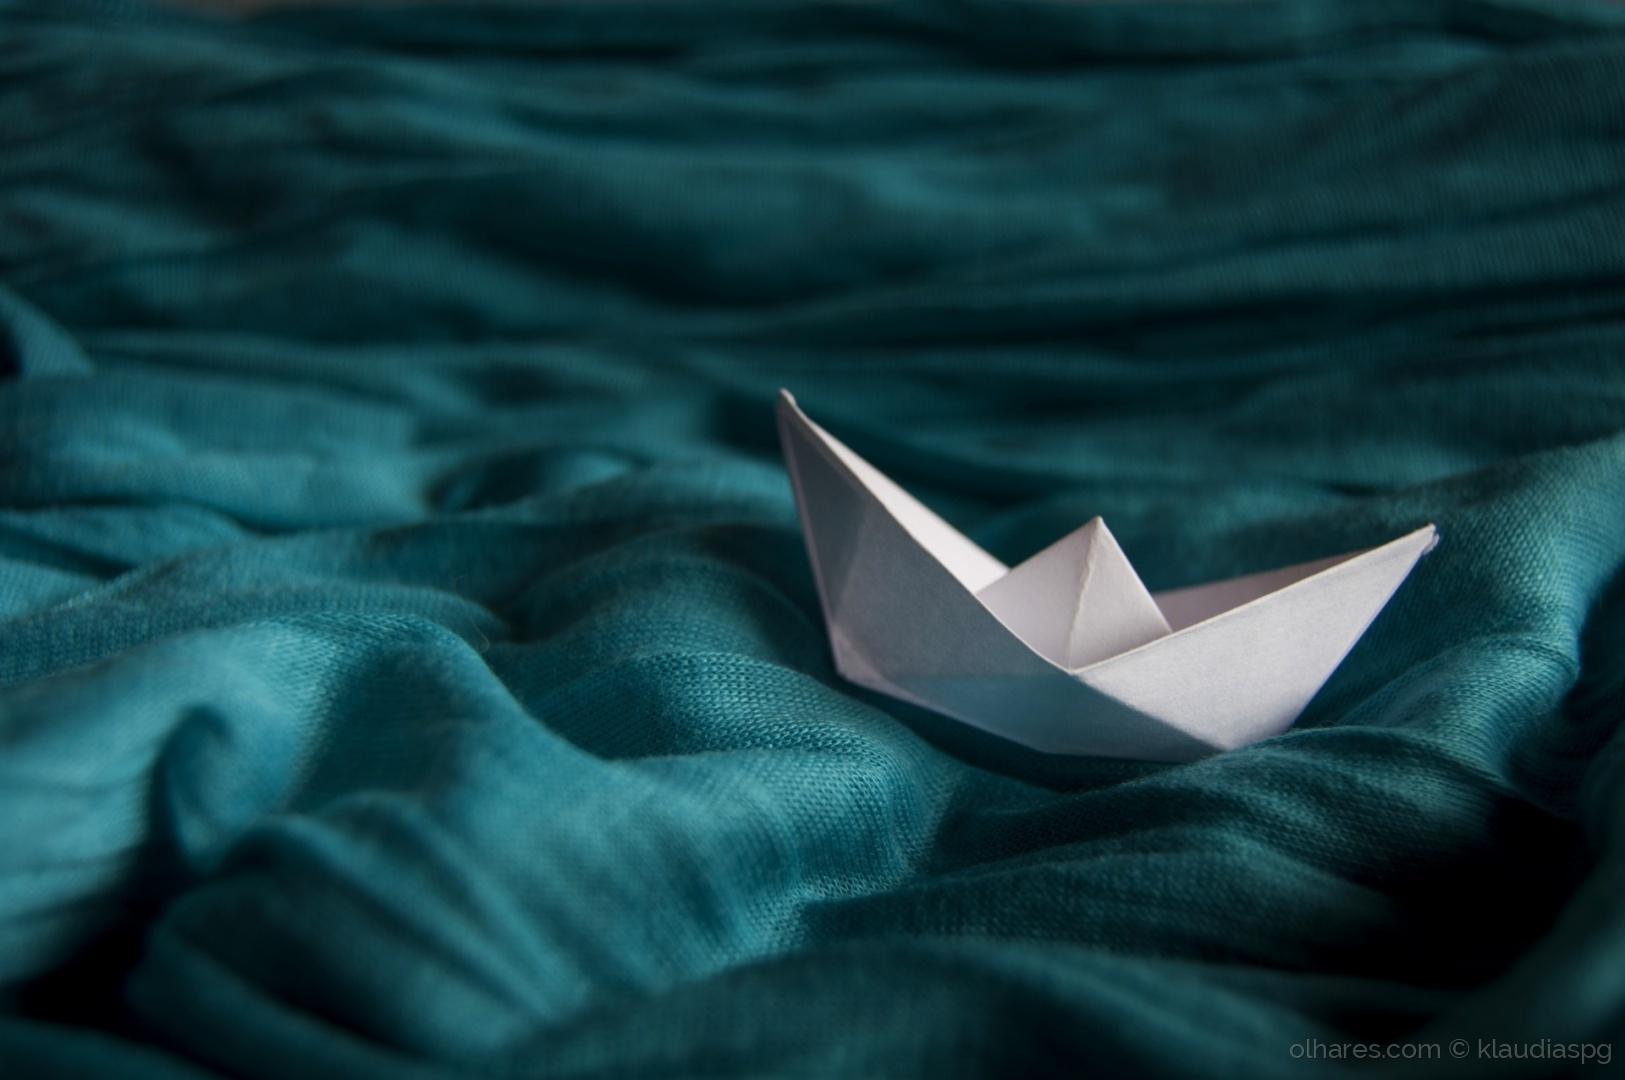 © klaudiaspg - Paper boat